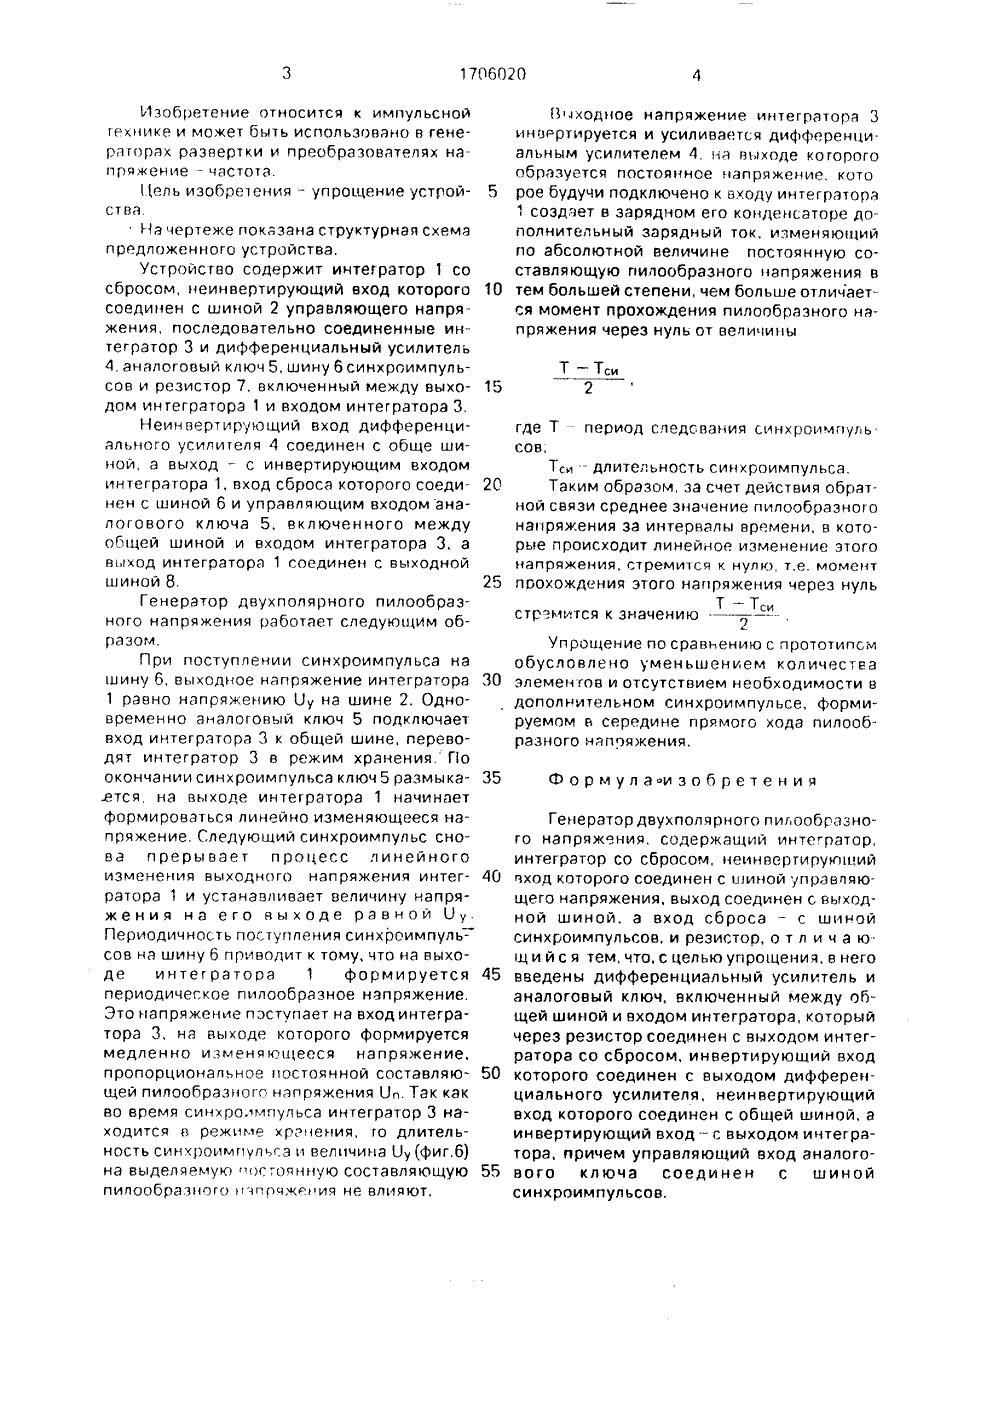 двухполярный импульс генератор схема